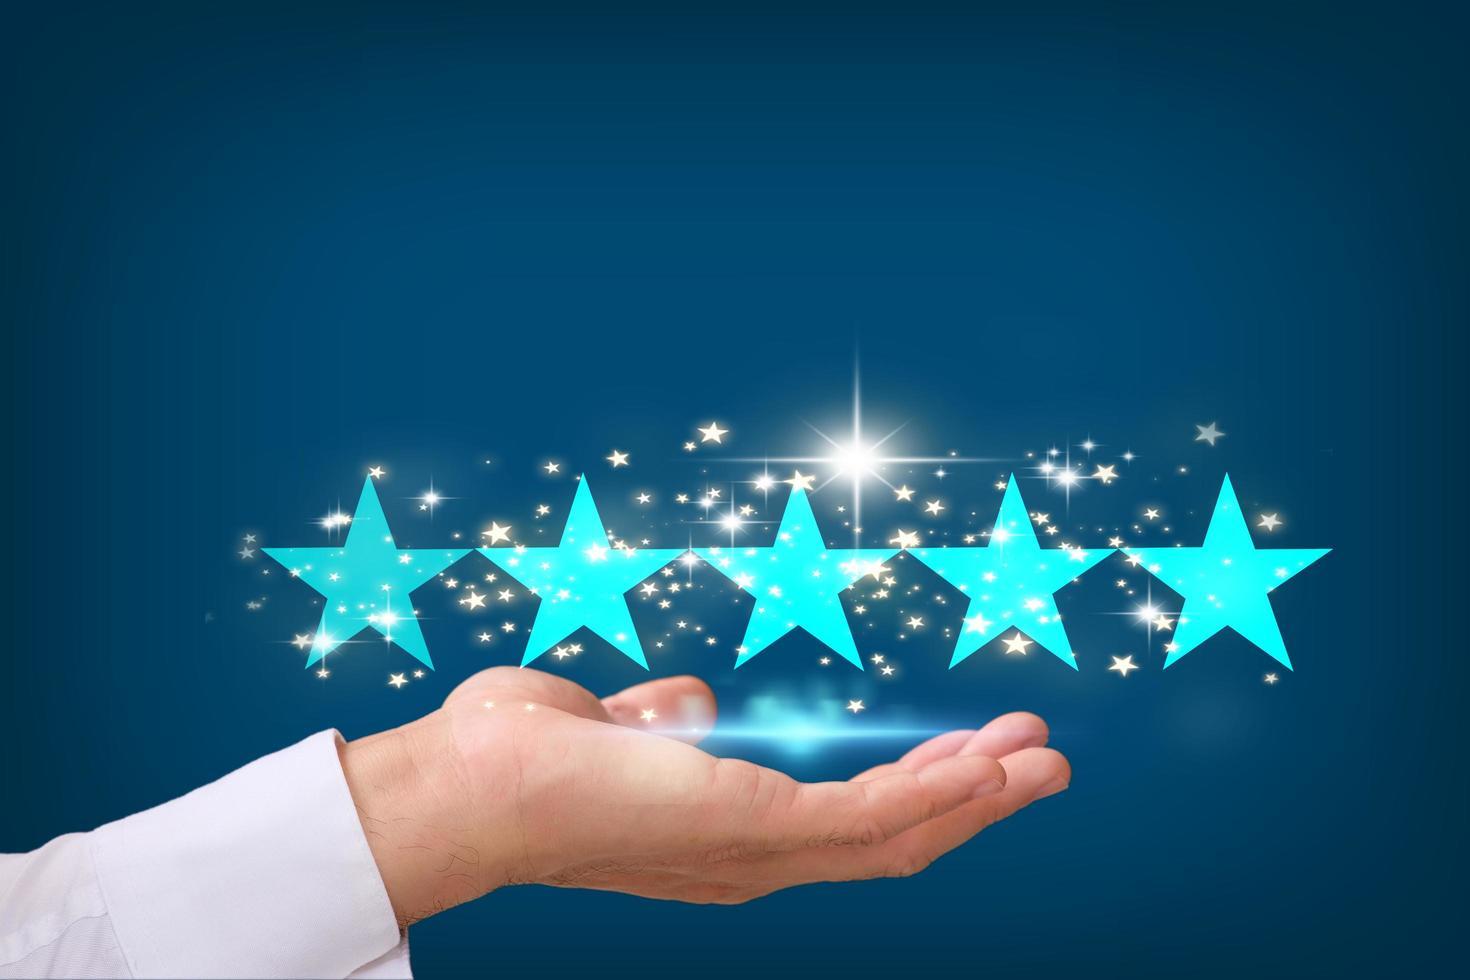 sosteniendo las estrellas para completar cinco estrellas, calificación de estrellas foto